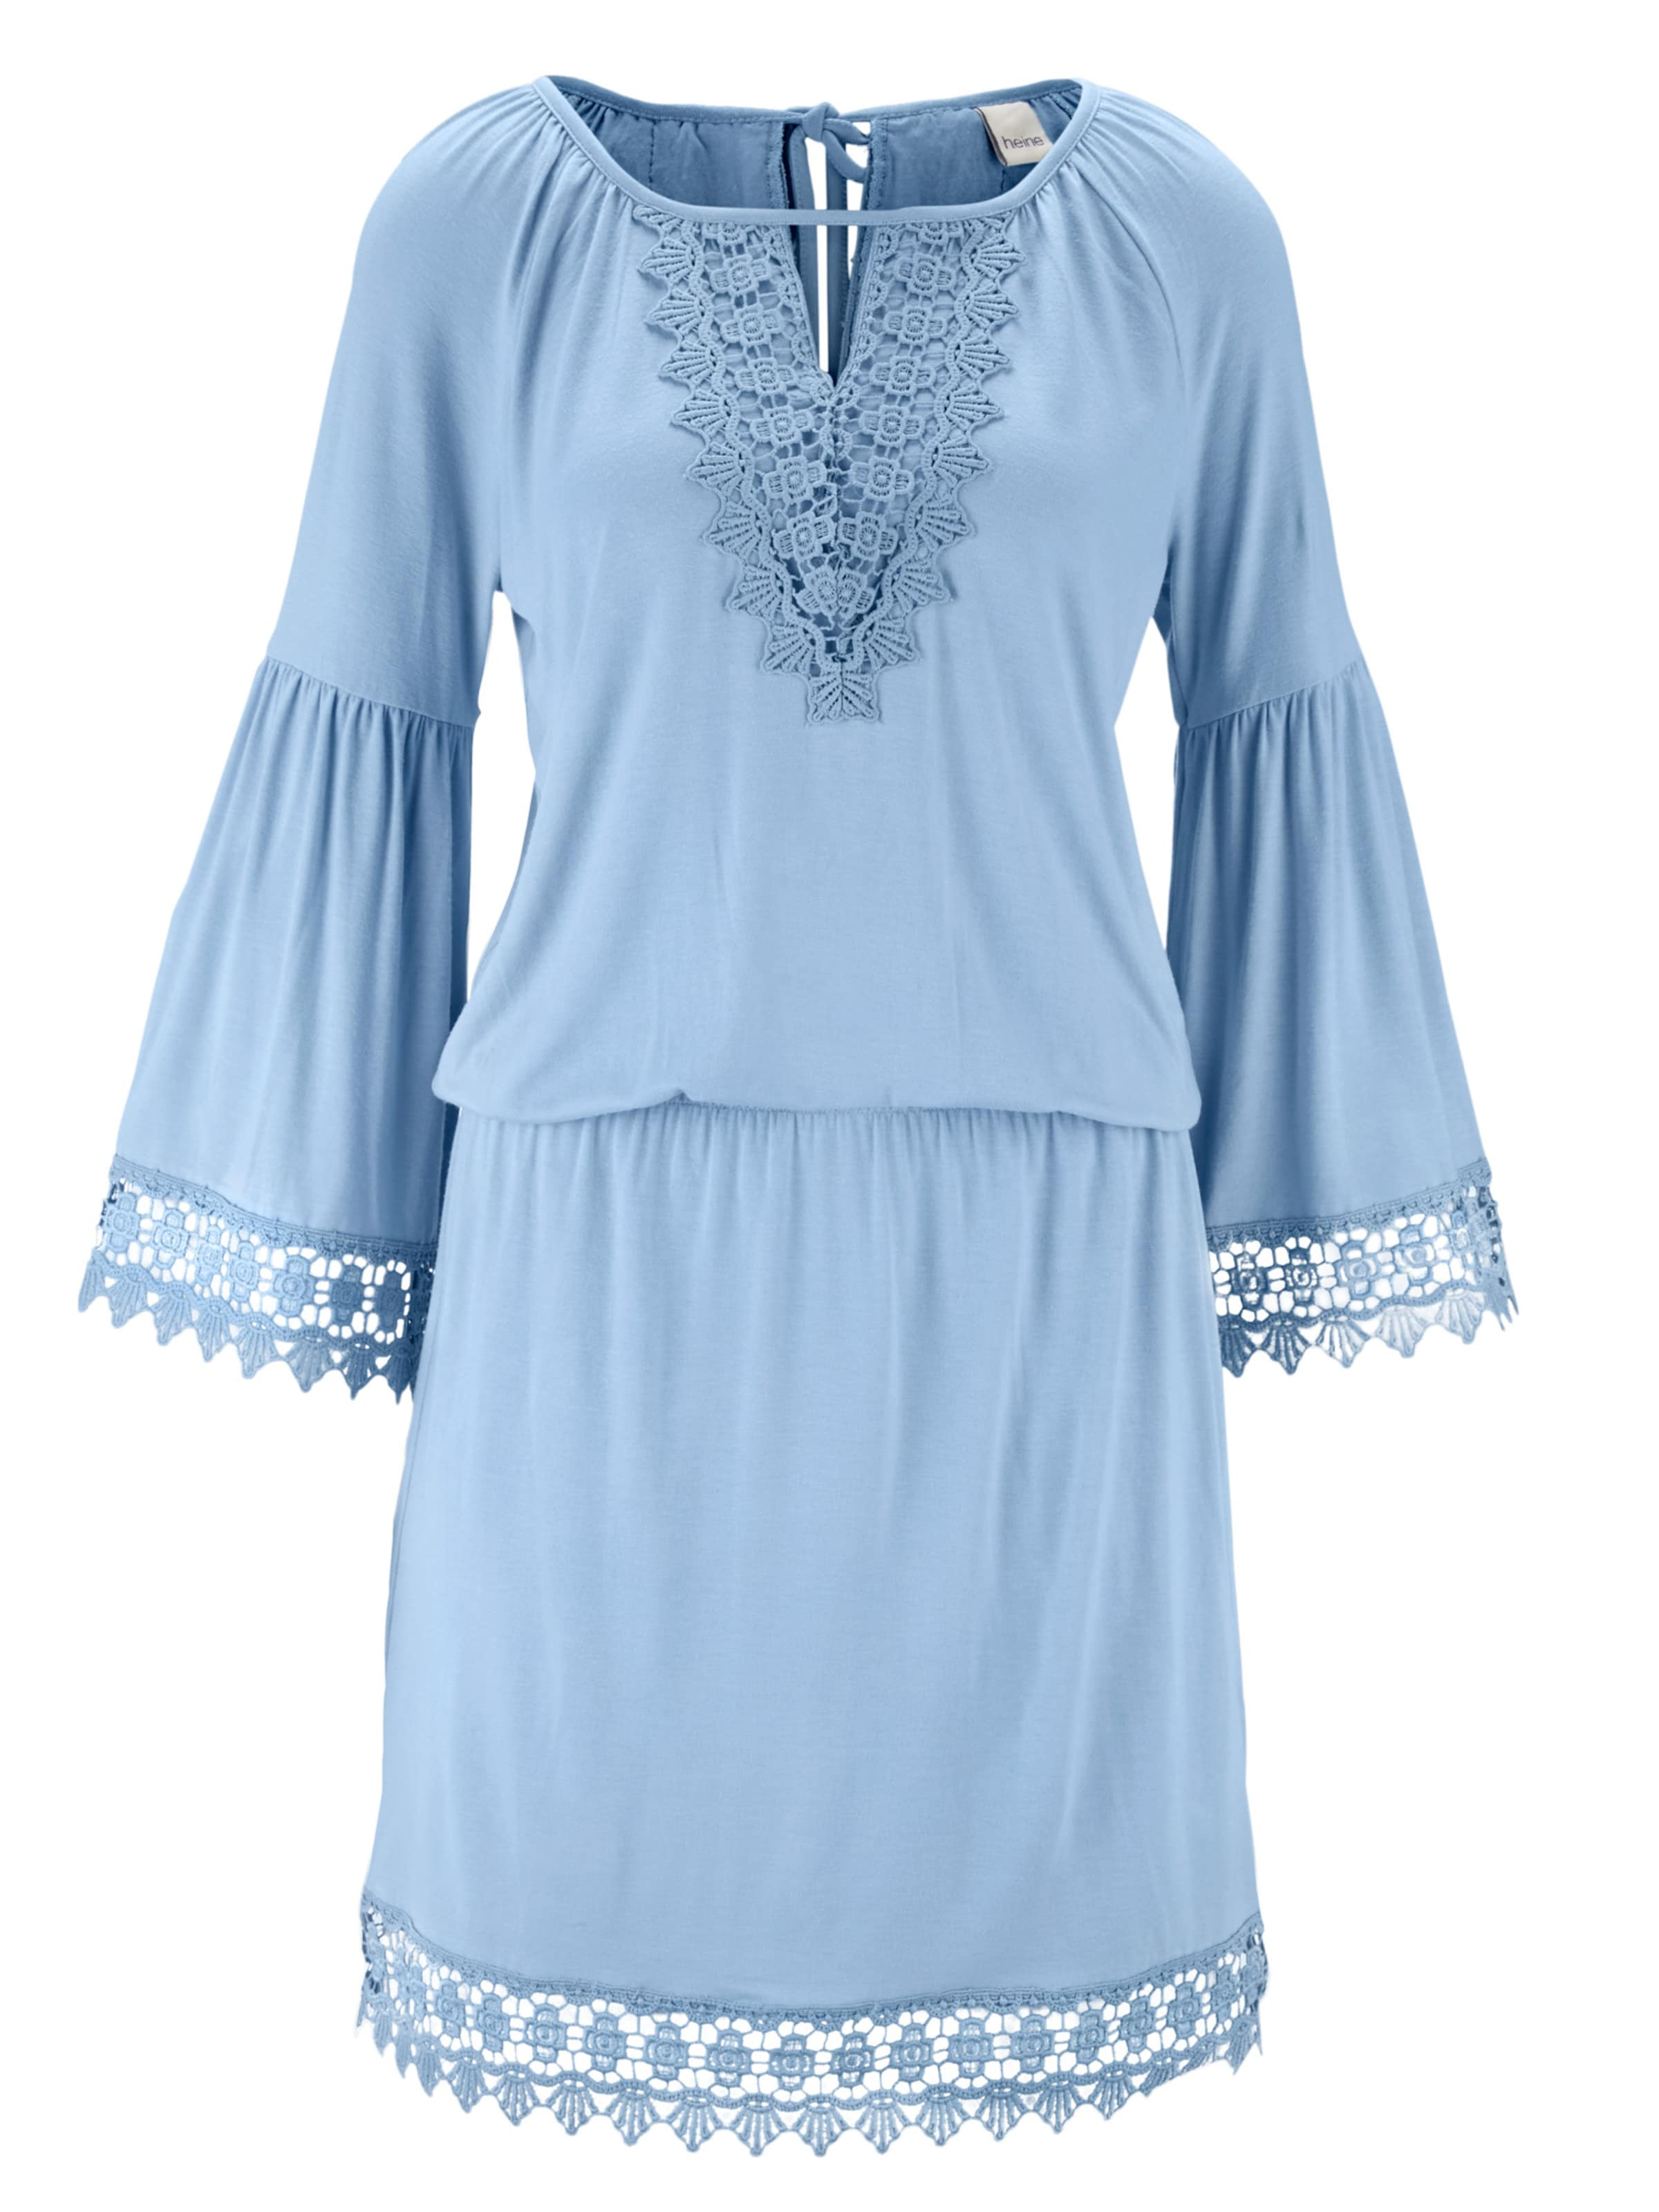 Kleid Hellblau In Kleid Heine Kleid Heine In Hellblau Heine D2H9EIW